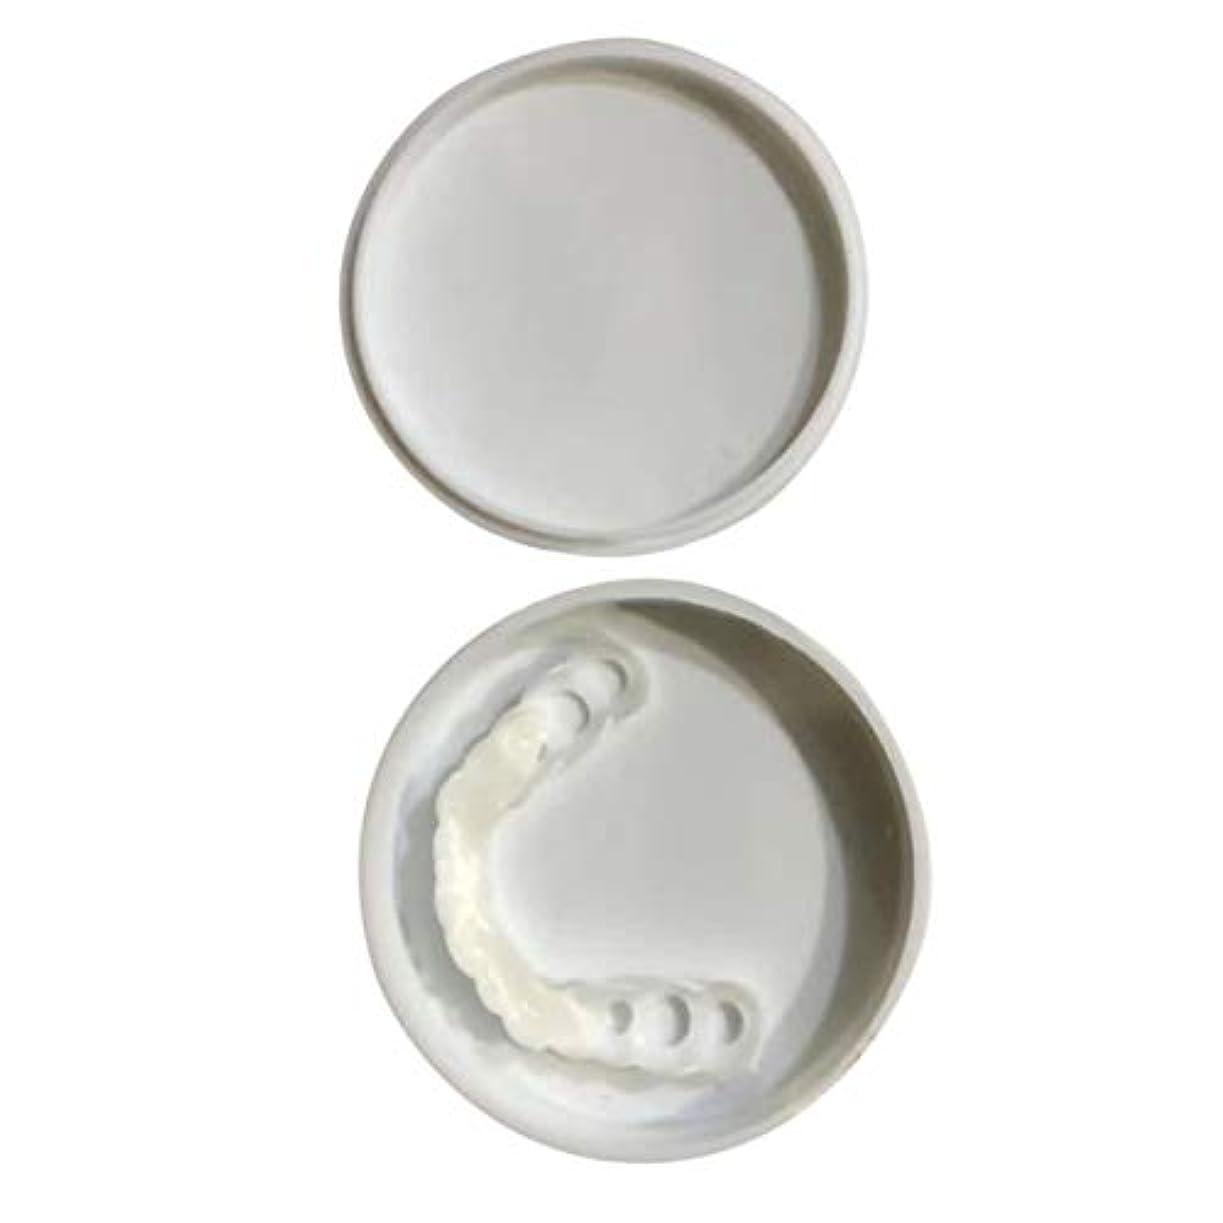 存在する想定する心から快適なスナップオン男性女性歯インスタントパーフェクトスマイルコンフォートフィットフレックス歯フィットホワイトニング笑顔偽歯カバー - ホワイト